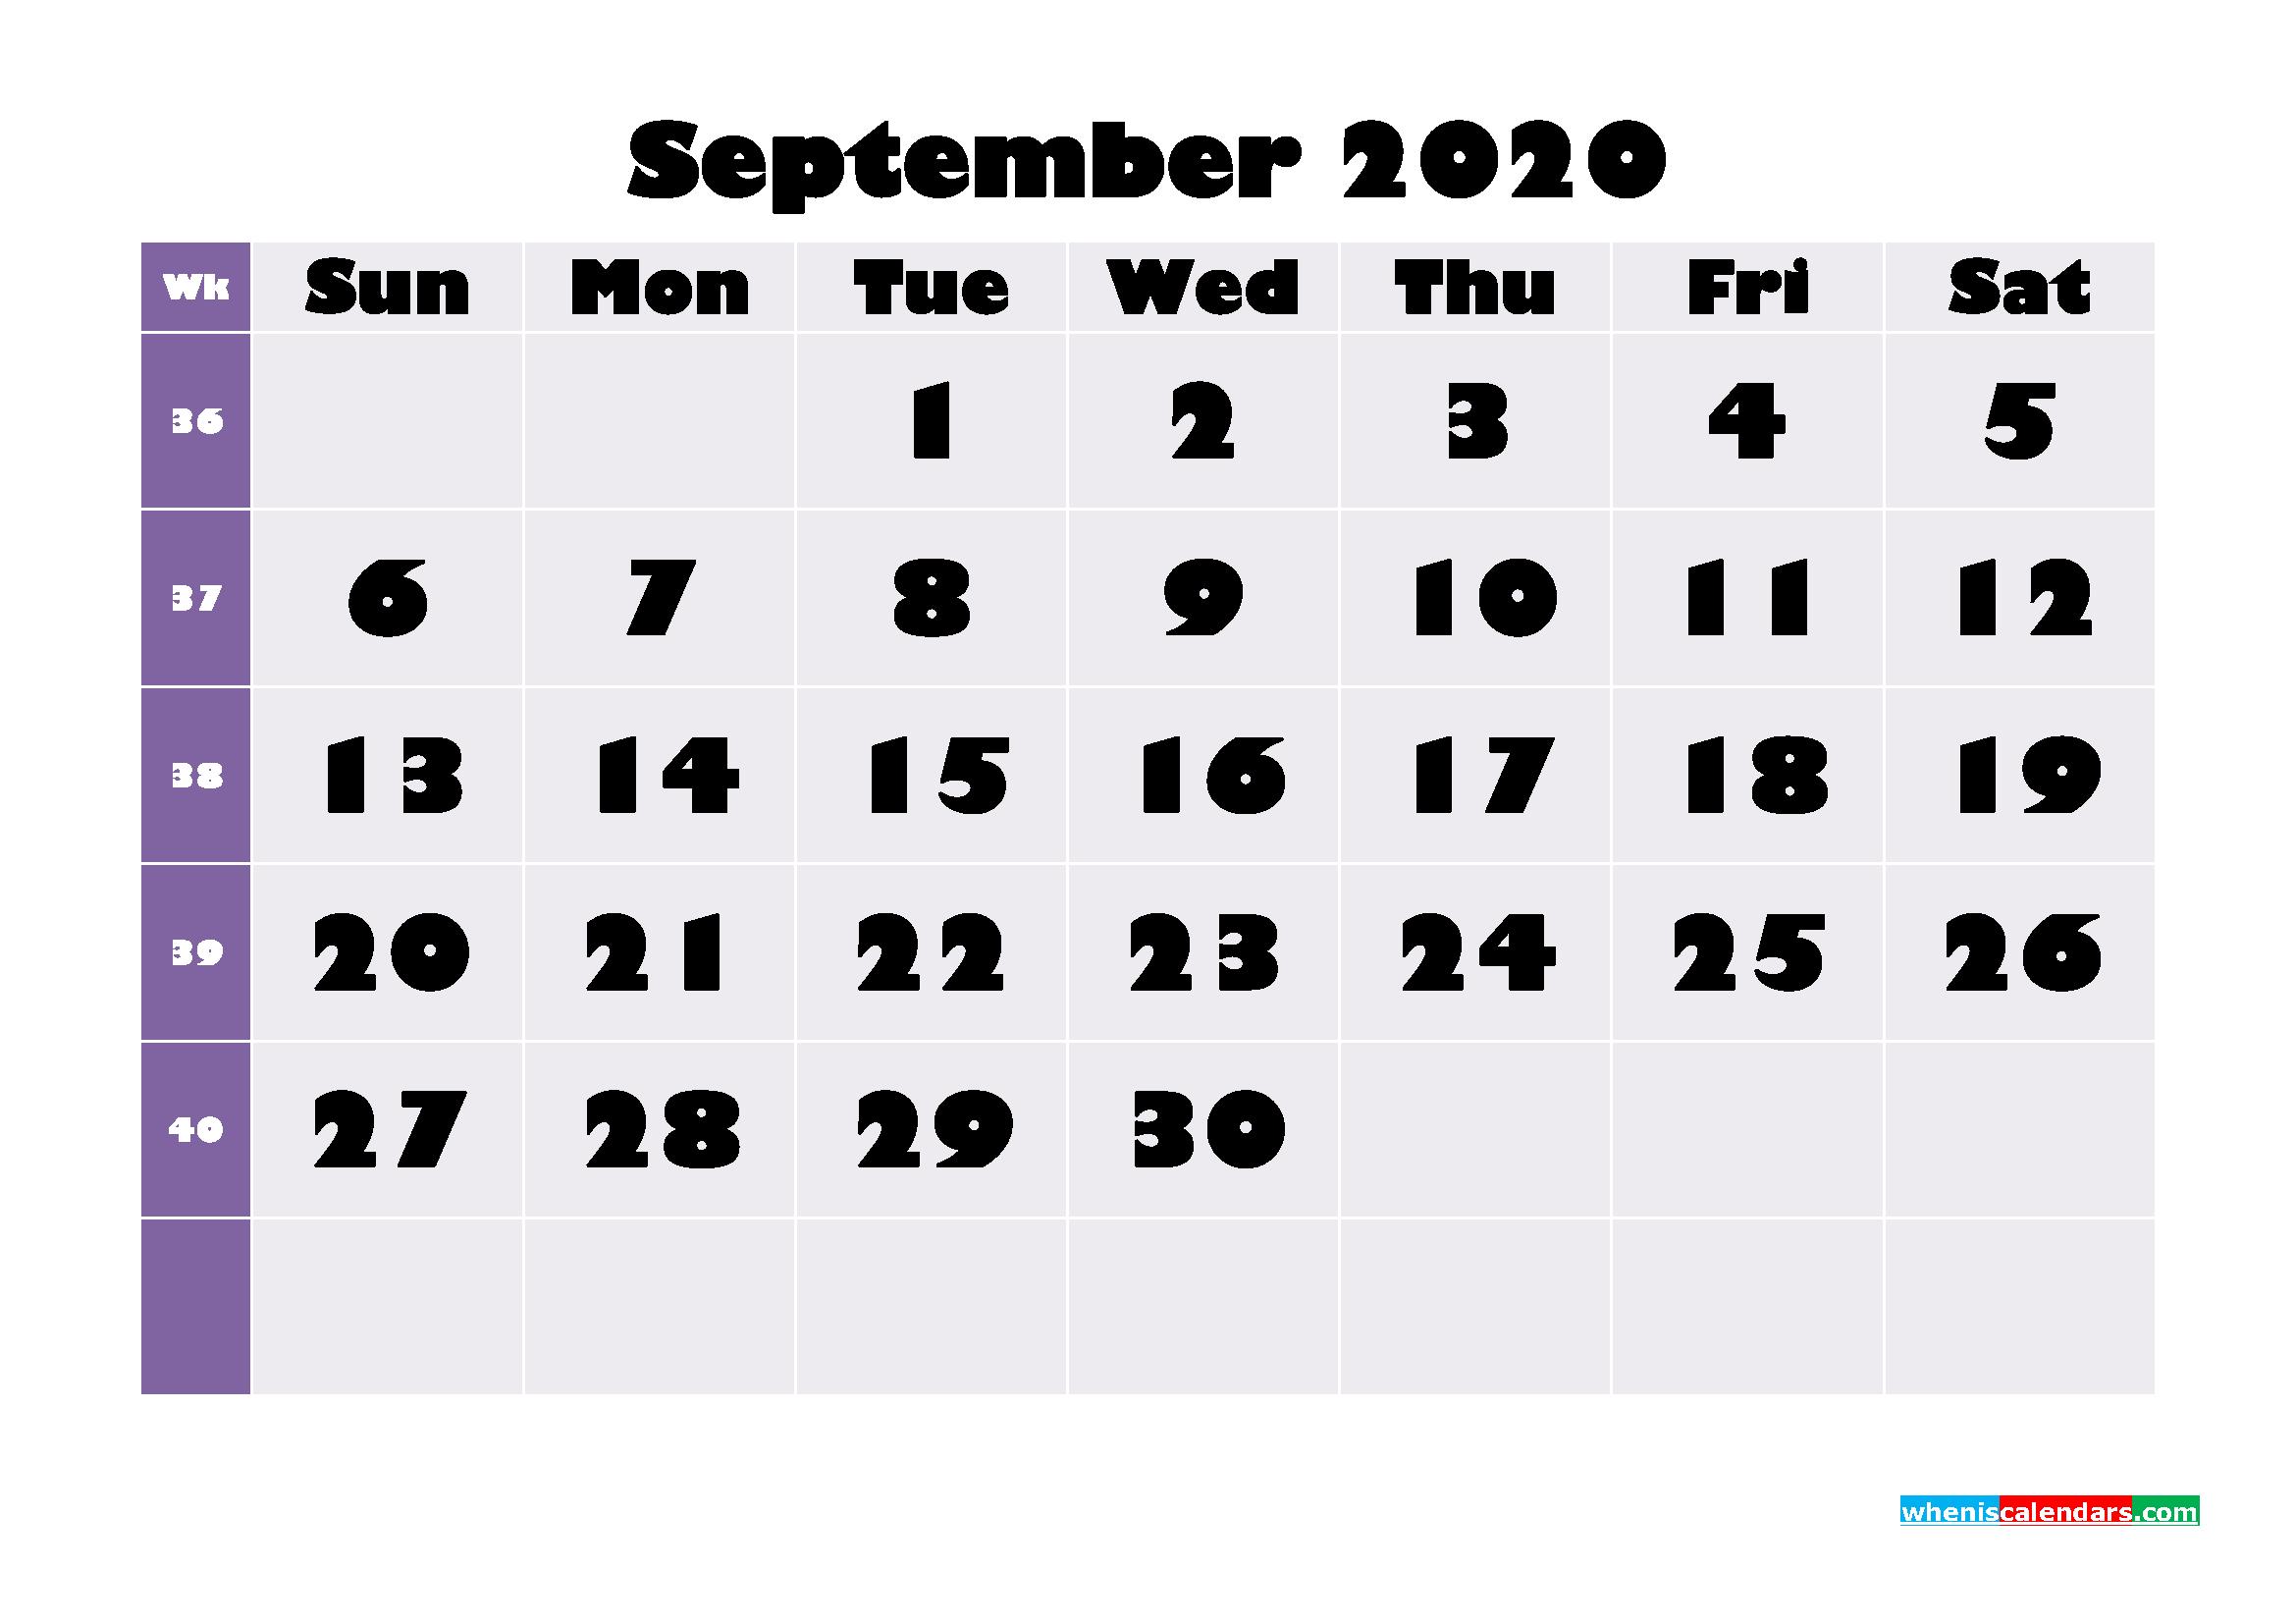 Free Printable September 2020 Calendar - No.m20b681